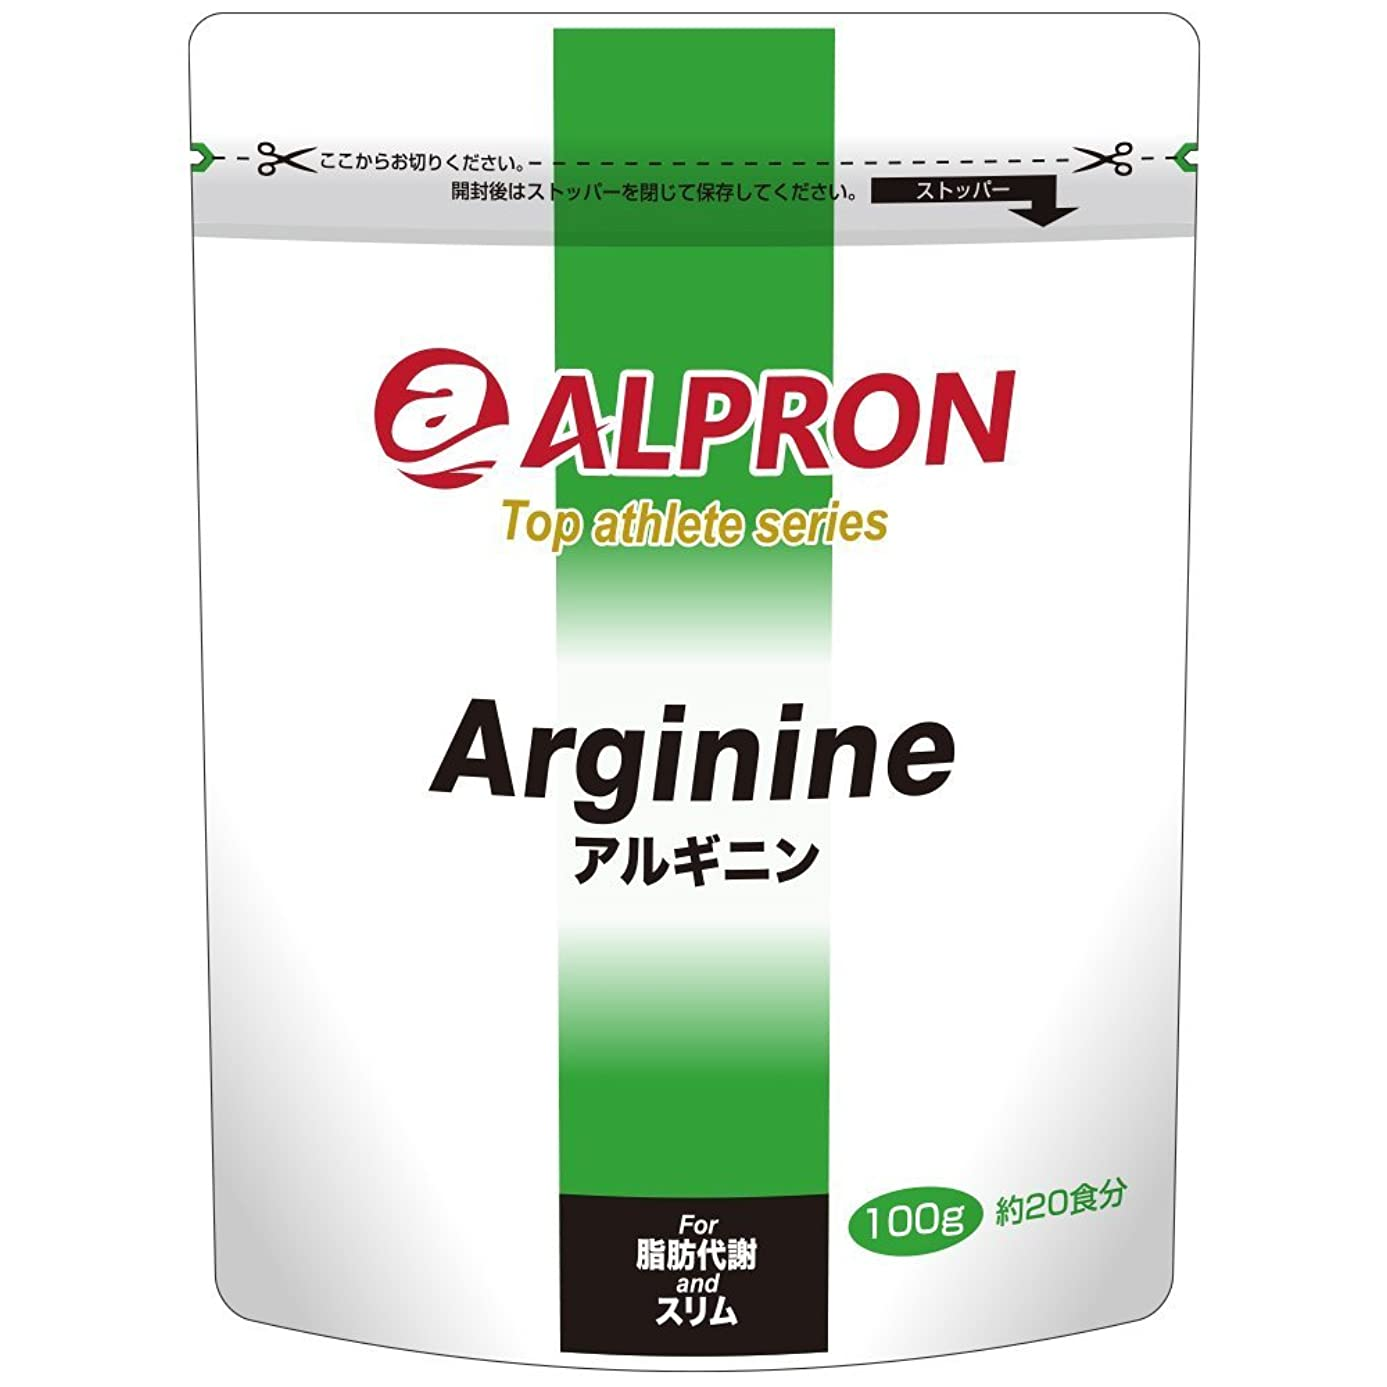 ノベルティ偽造家庭アルプロン -ALPRON- アルギニン(100g)